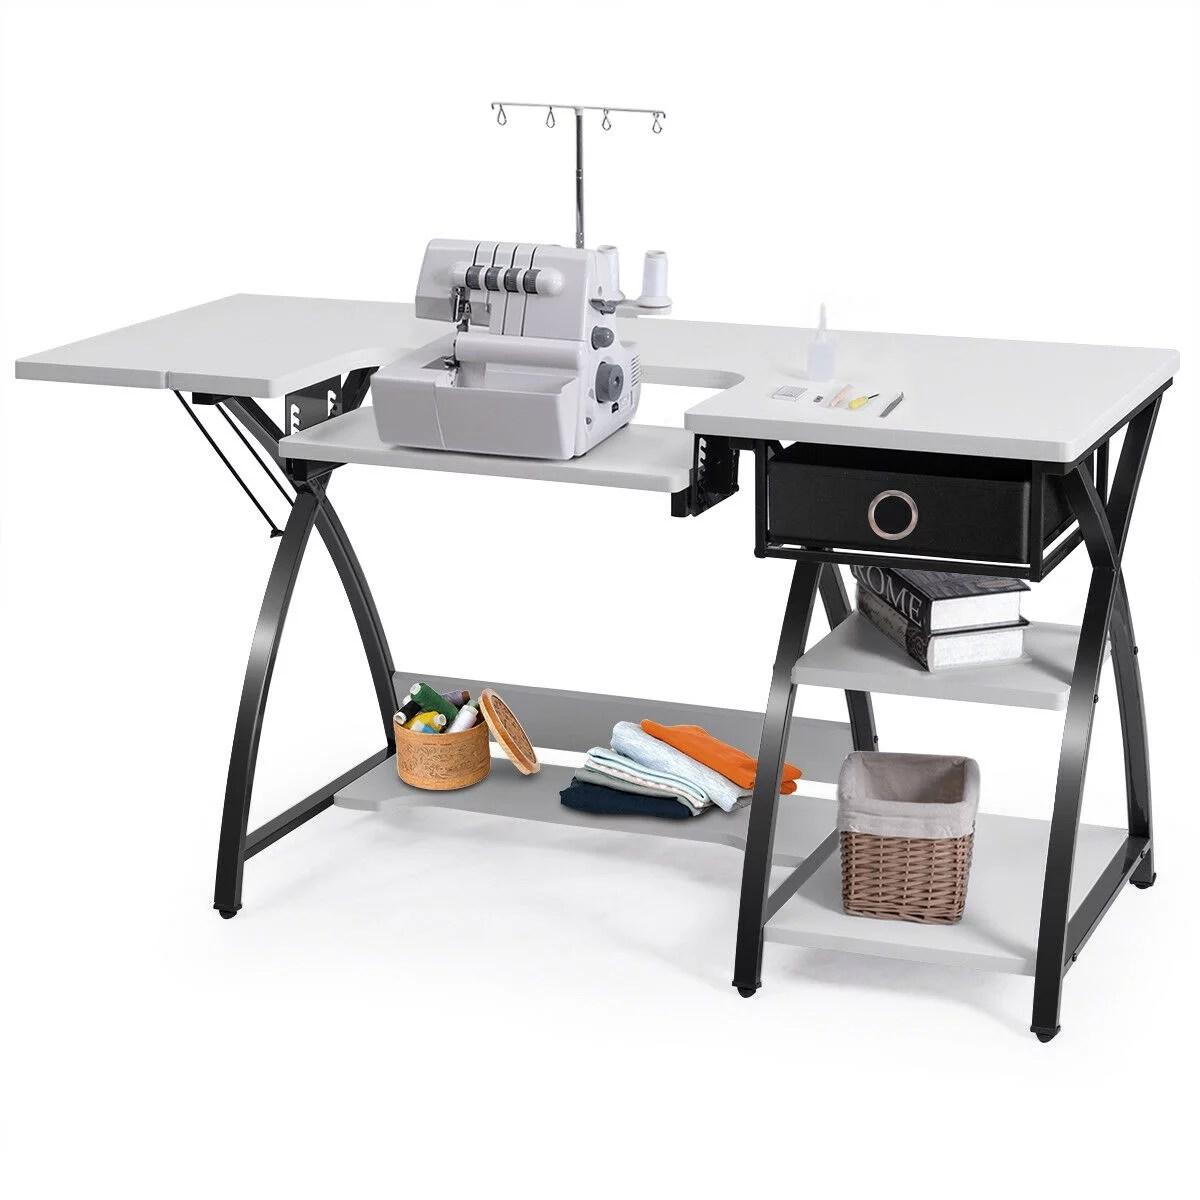 Costway Sewing Craft Table Folding Computer Desk Adjustable Platform W Drawer Shleves Walmart Com Walmart Com